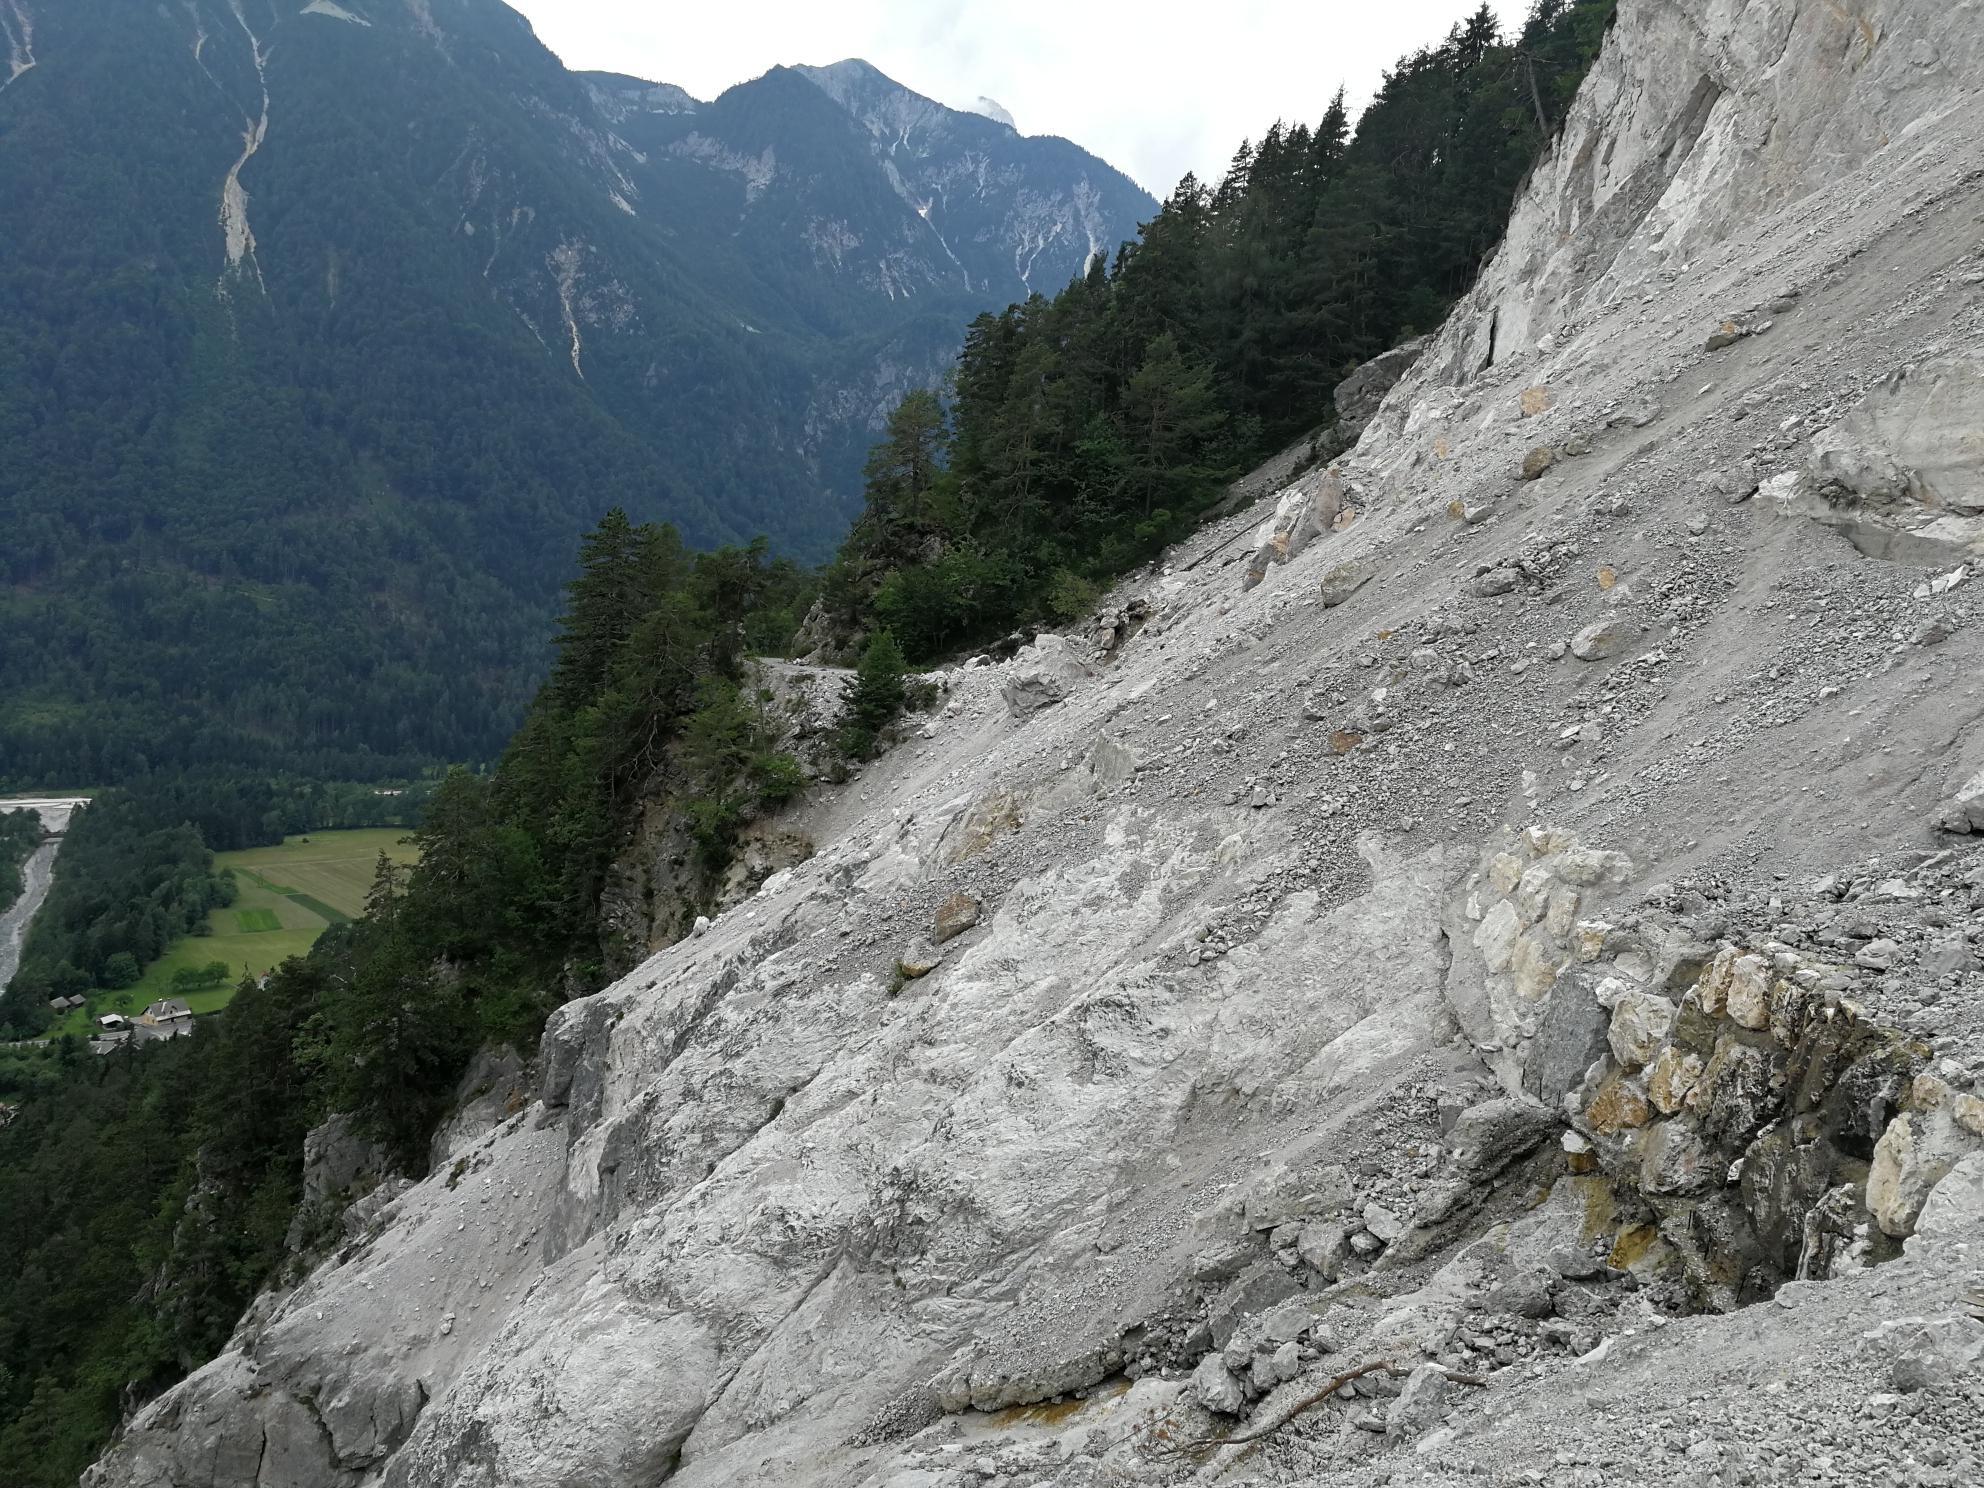 Hegyomlás torlaszolja el az utat a szlovén oldalon Forrás: (c) Martin Schack touren.kaernten.at